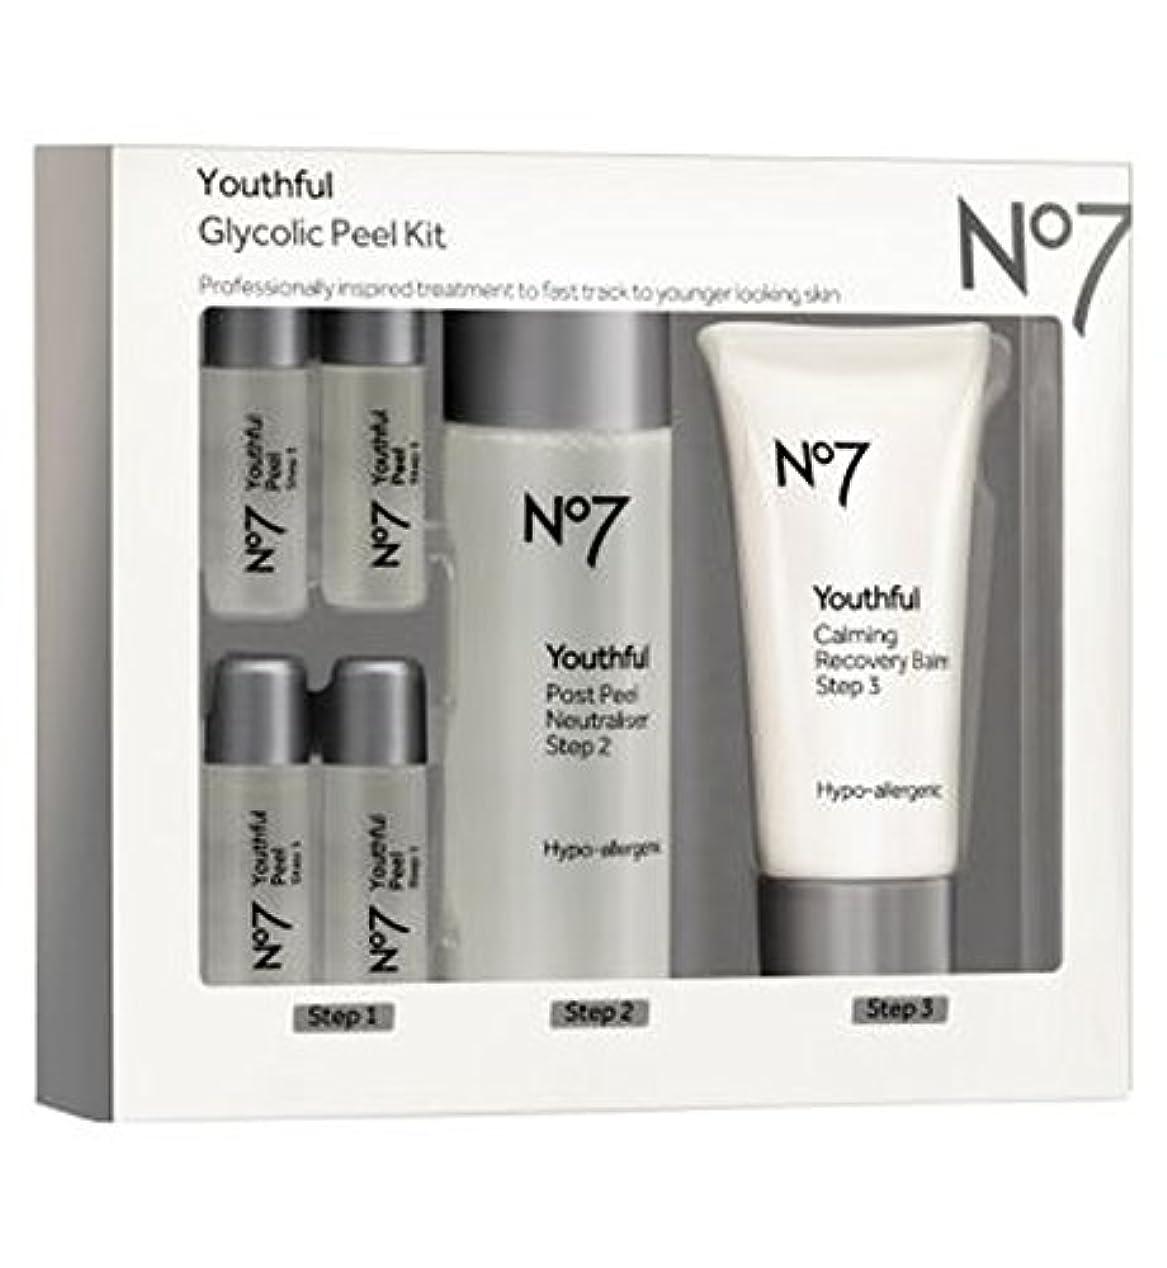 ログ自治スズメバチNo7若々しいグリコールピールキット (No7) (x2) - No7 Youthful Glycolic Peel Kit (Pack of 2) [並行輸入品]